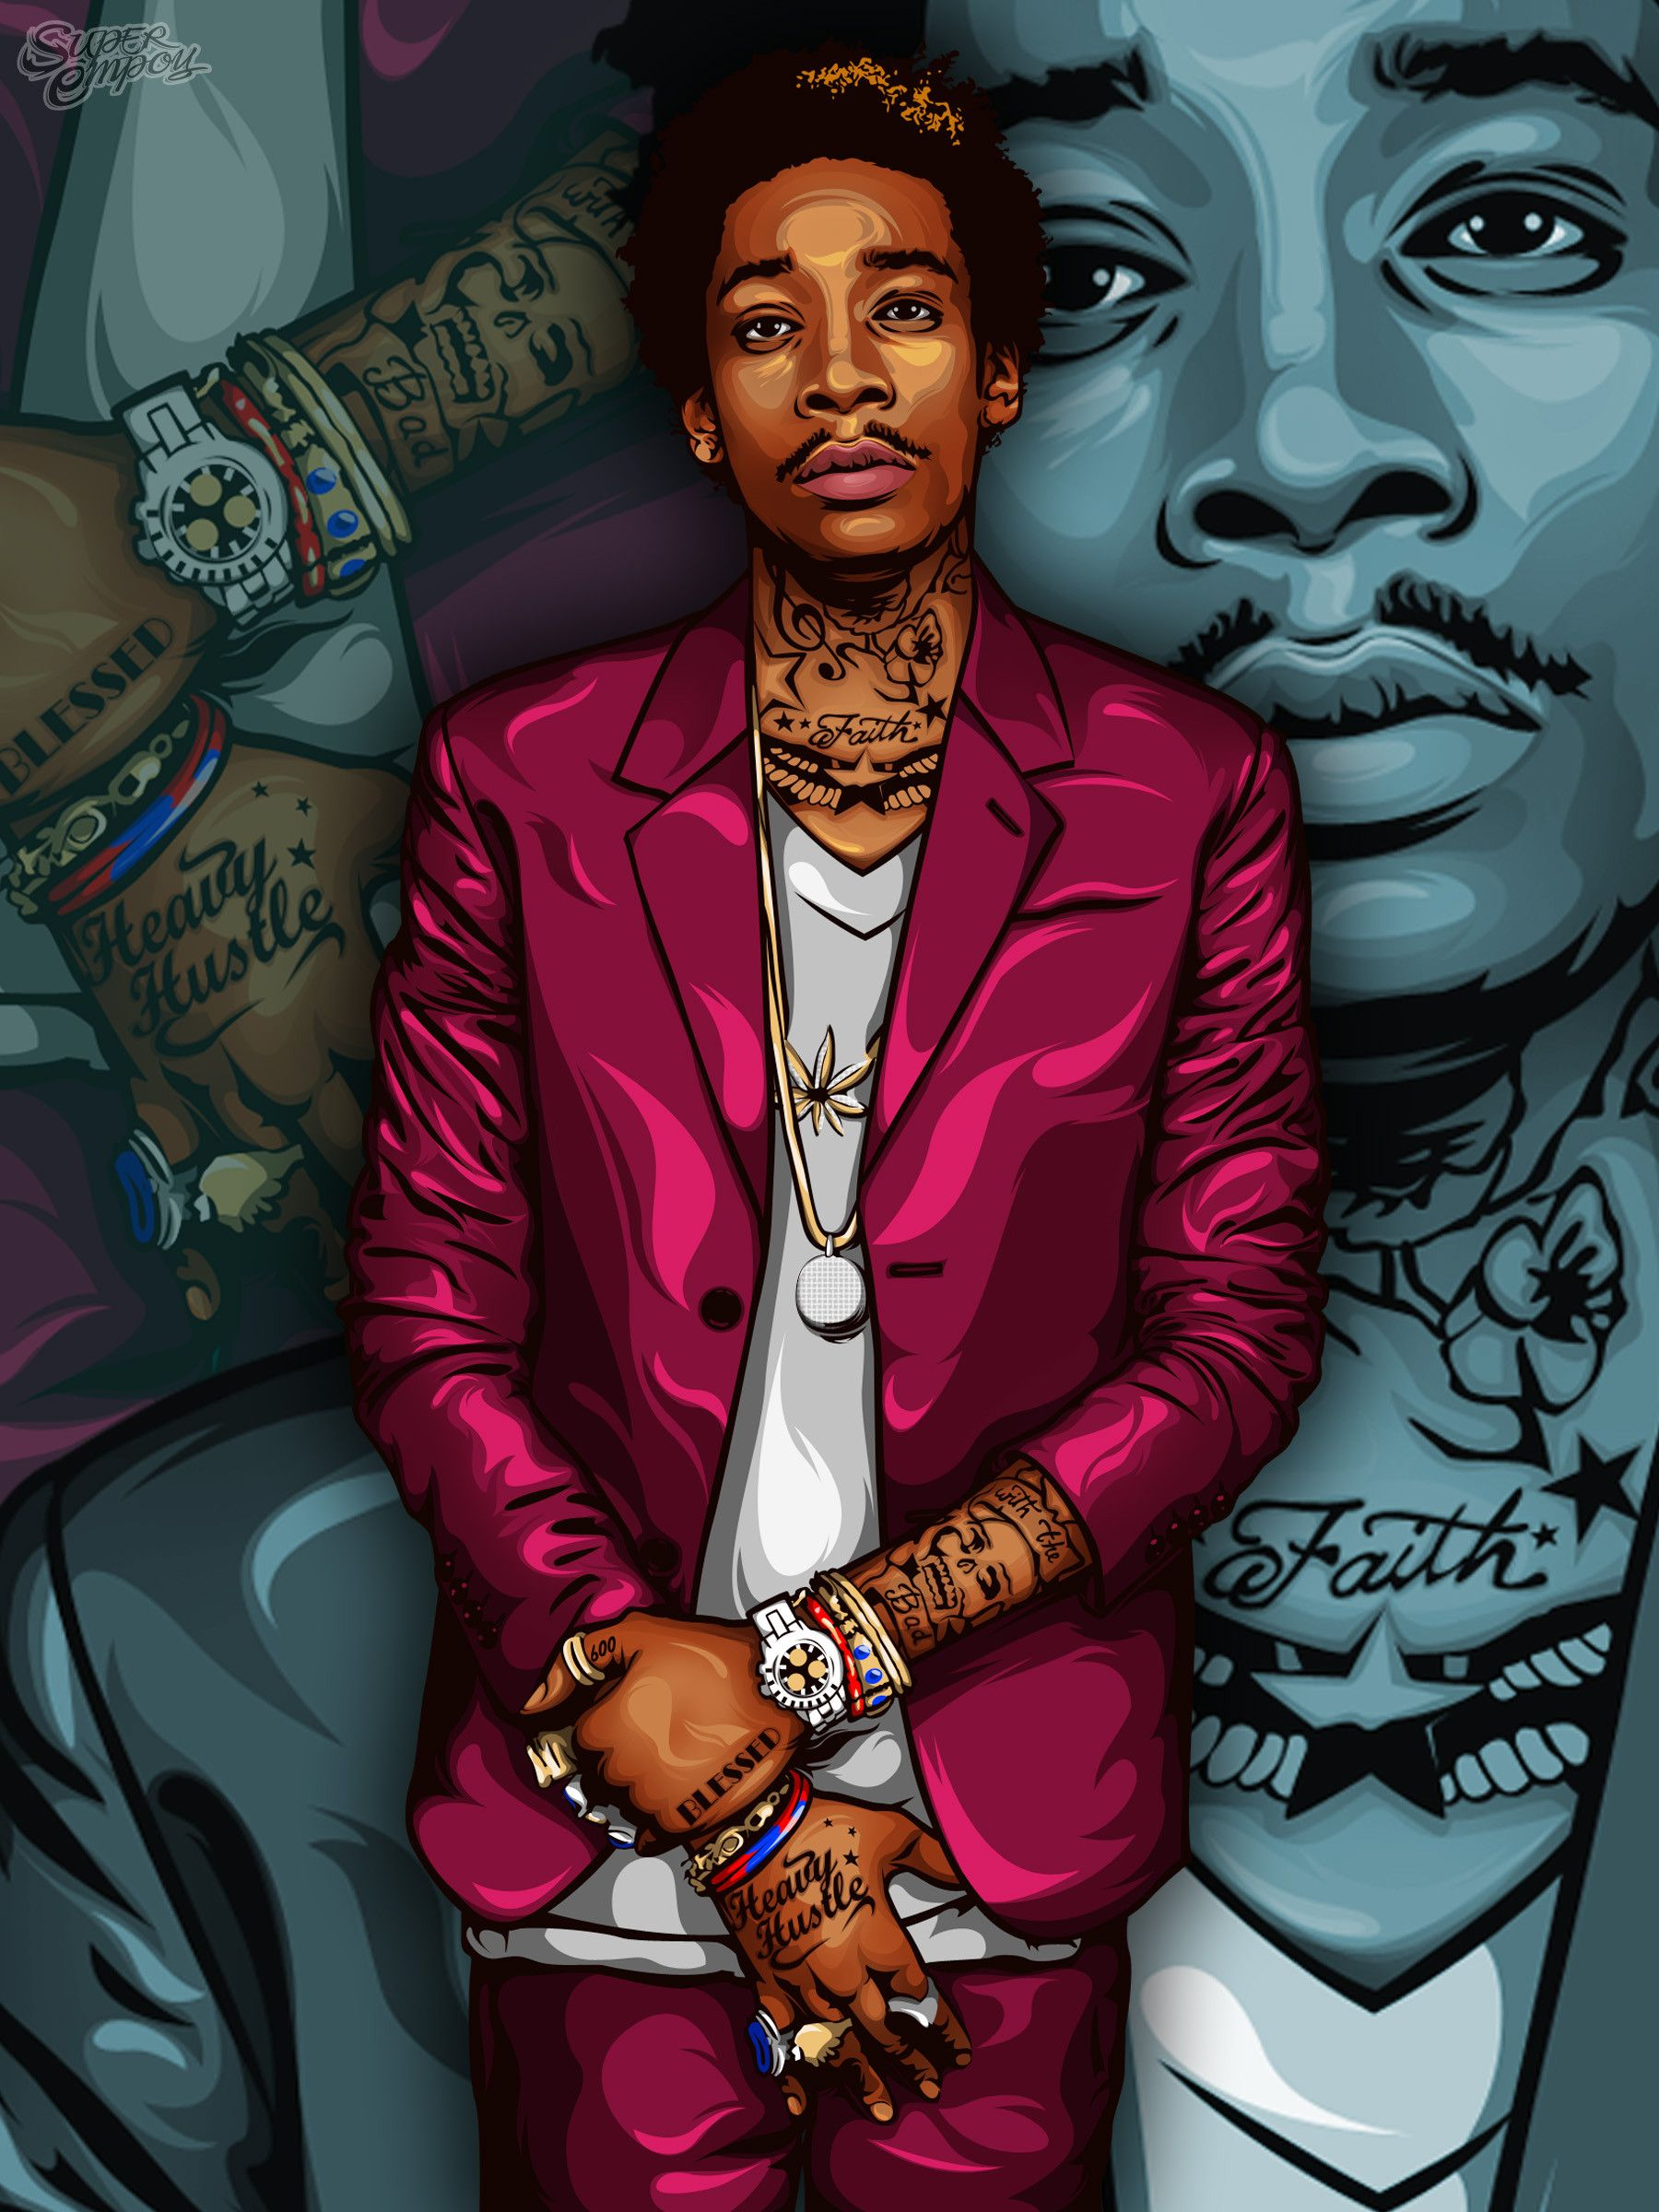 Image Jpg 1800 2400 Wiz Khalifa The Wiz Hip Hop Art